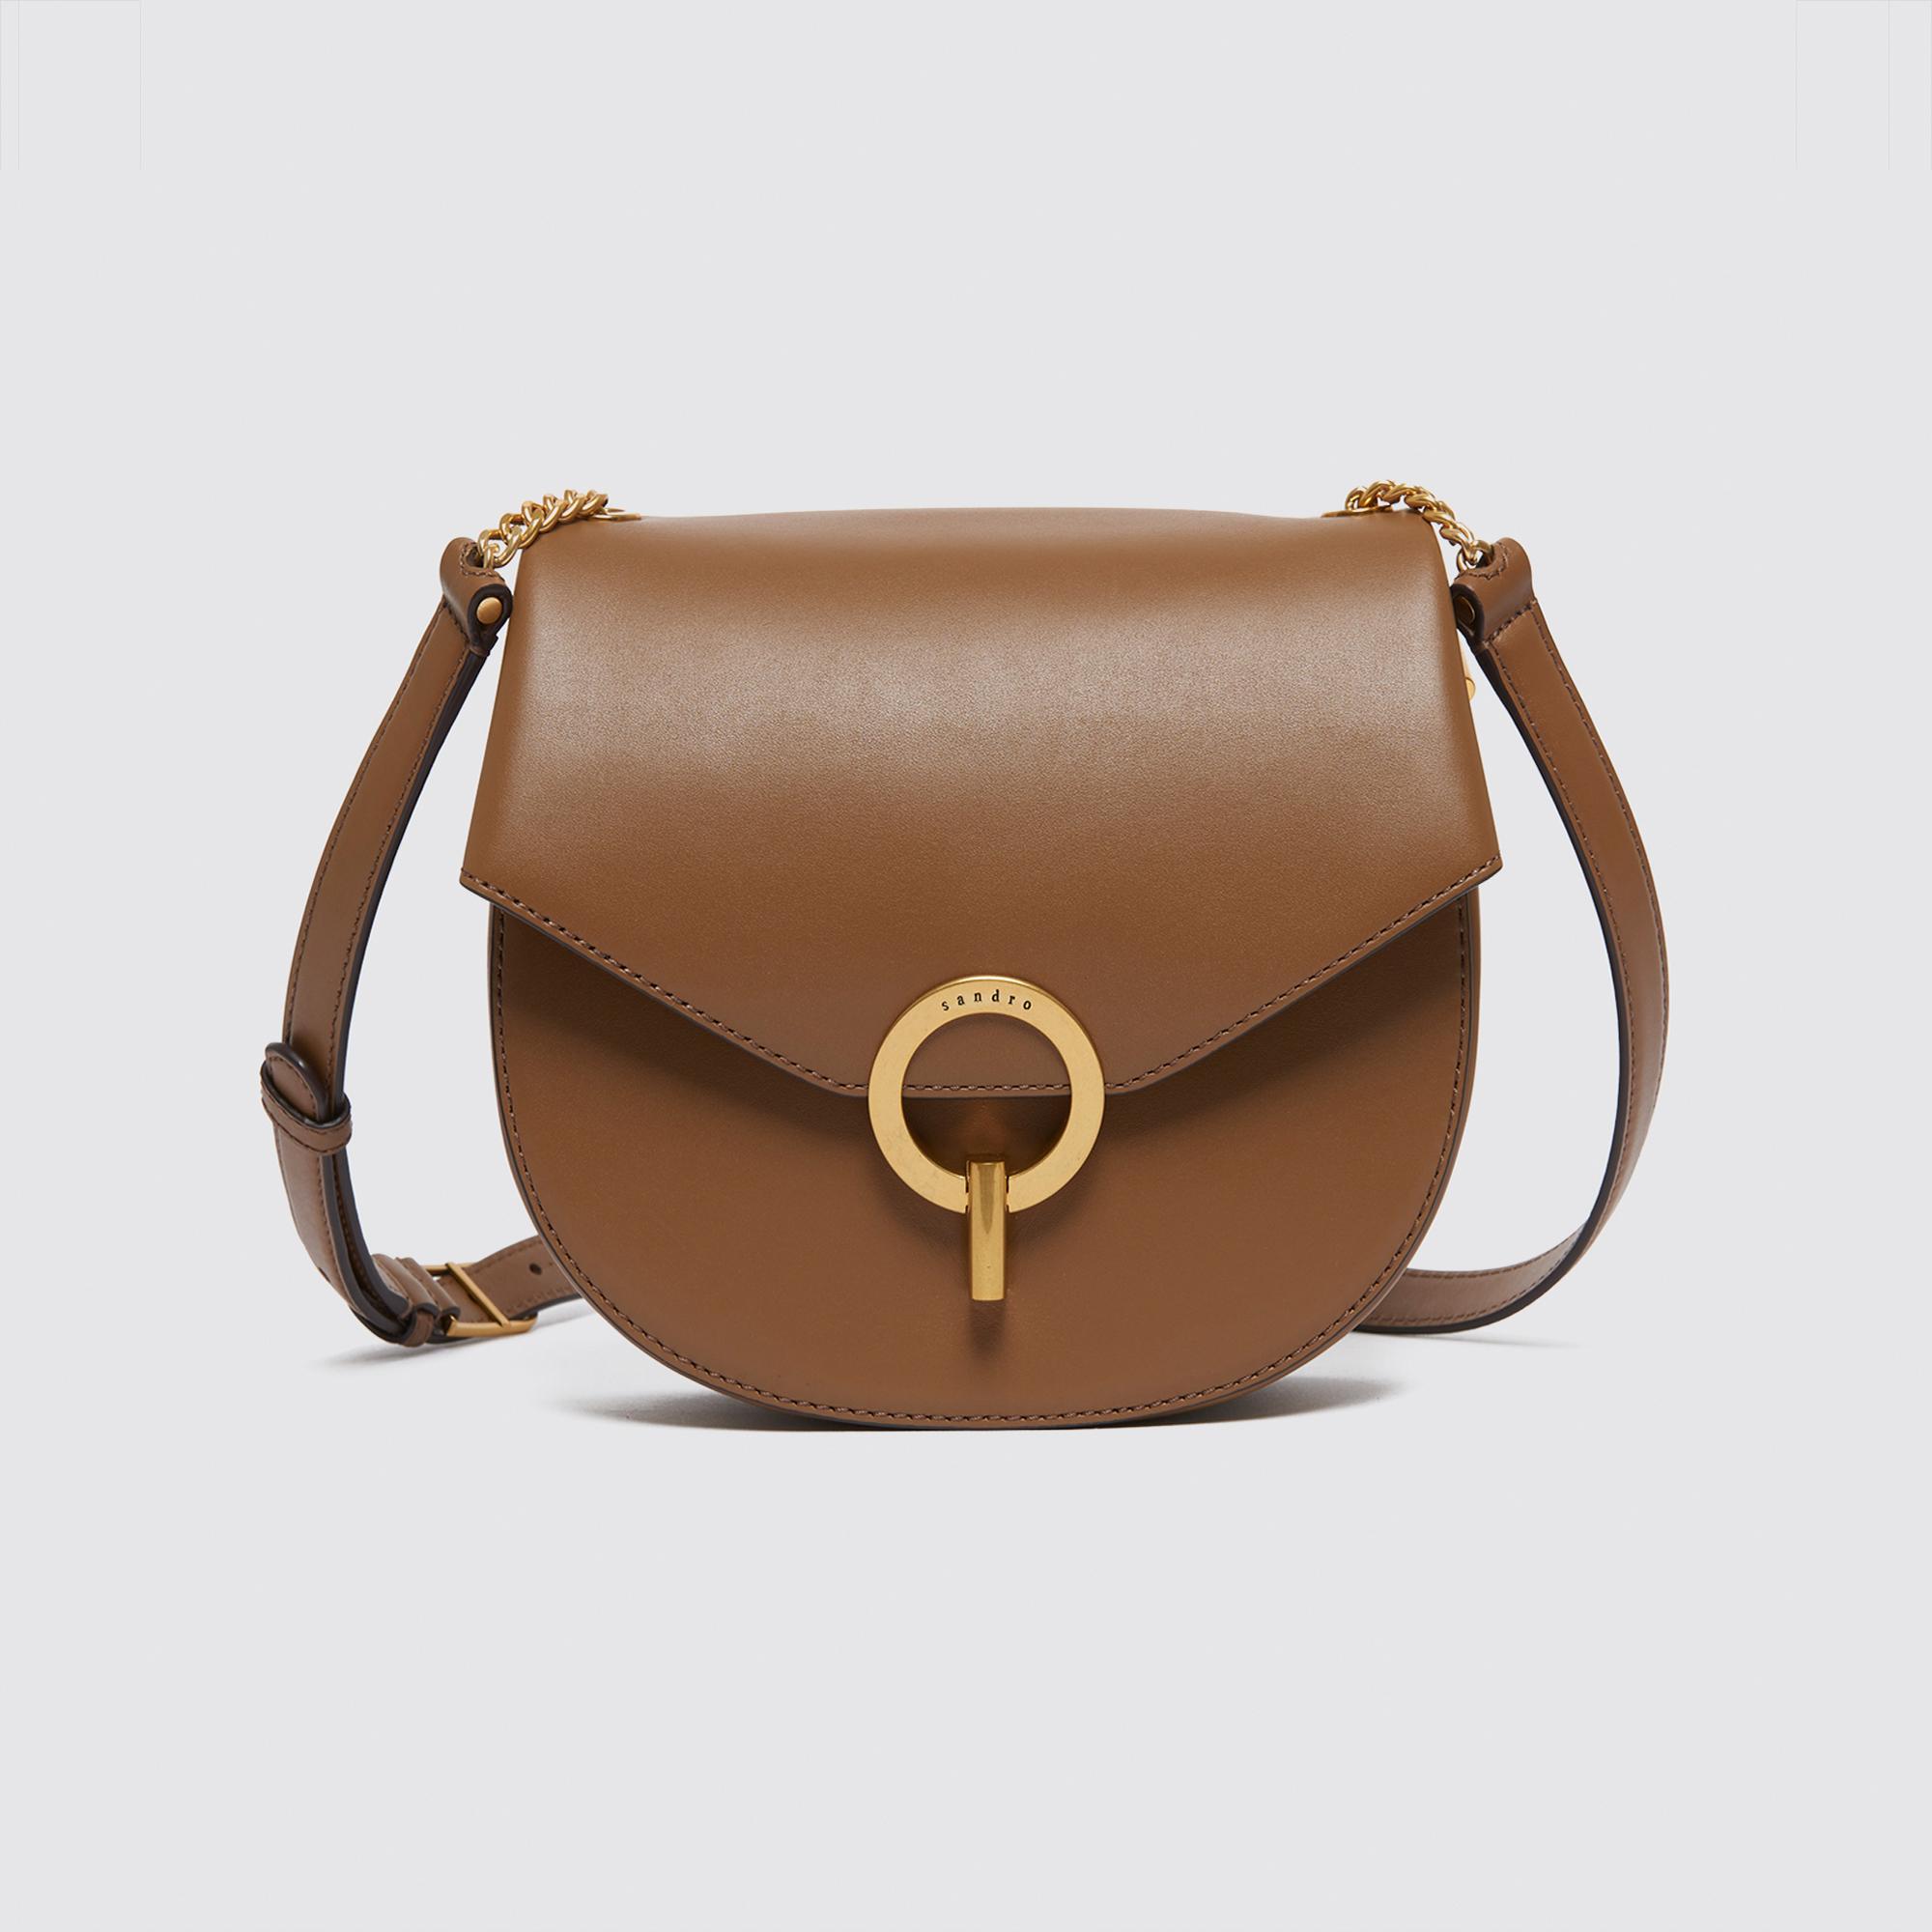 05e41e54b7d4 ... Pépita Bag medium model   Bags color ...